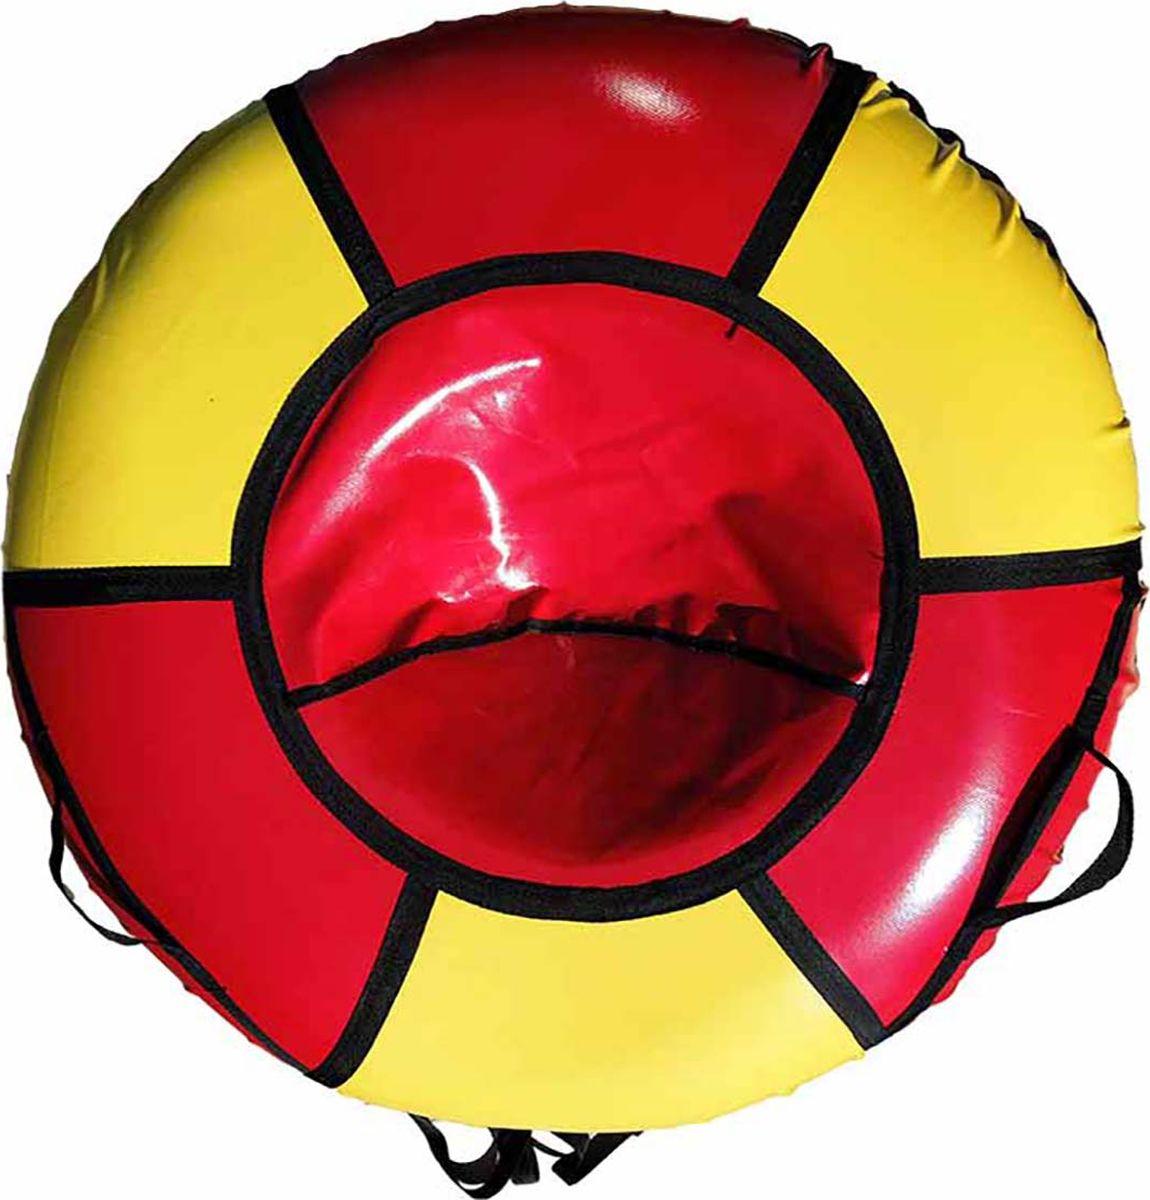 Тюбинг Эх, Прокачу! Профи-6, цвет: красный, желтый, диаметр 70 смСП70-6-1Любимая детская зимняя забава - это кататься с горки. А катание на тюбинге Эх, Прокачу! Профи-6 надолго запомнится вам и вашим близким. Свежий воздух, веселая компания, веселые развлечения - эти моменты вы будете вспоминать еще долгое время. Специальные материалы и уникальная конструкция днища превосходно скользят, даже если снега совсем немного. Высокая прочность позволит весело проводить время детям и взрослым, не заботясь о поломках. Модель очень вместительная, возможность соскальзывания практически исключена.Особенности: Материал - ткань ПВХ, плотность 630 г/м2.Диаметр в надутом виде - 70 см.Морозоустойчивость - до -45 градусов.Камера российского производства, буксировочный ремень. Тюбинг не предназначен для буксировки механическими или транспортными средствами (подъемники, канатные дороги, лебедки, автомобиль, снегоход, квадроцикл и т.д.).Допускается деформация формы санок из-за неравномерности надувания камеры.